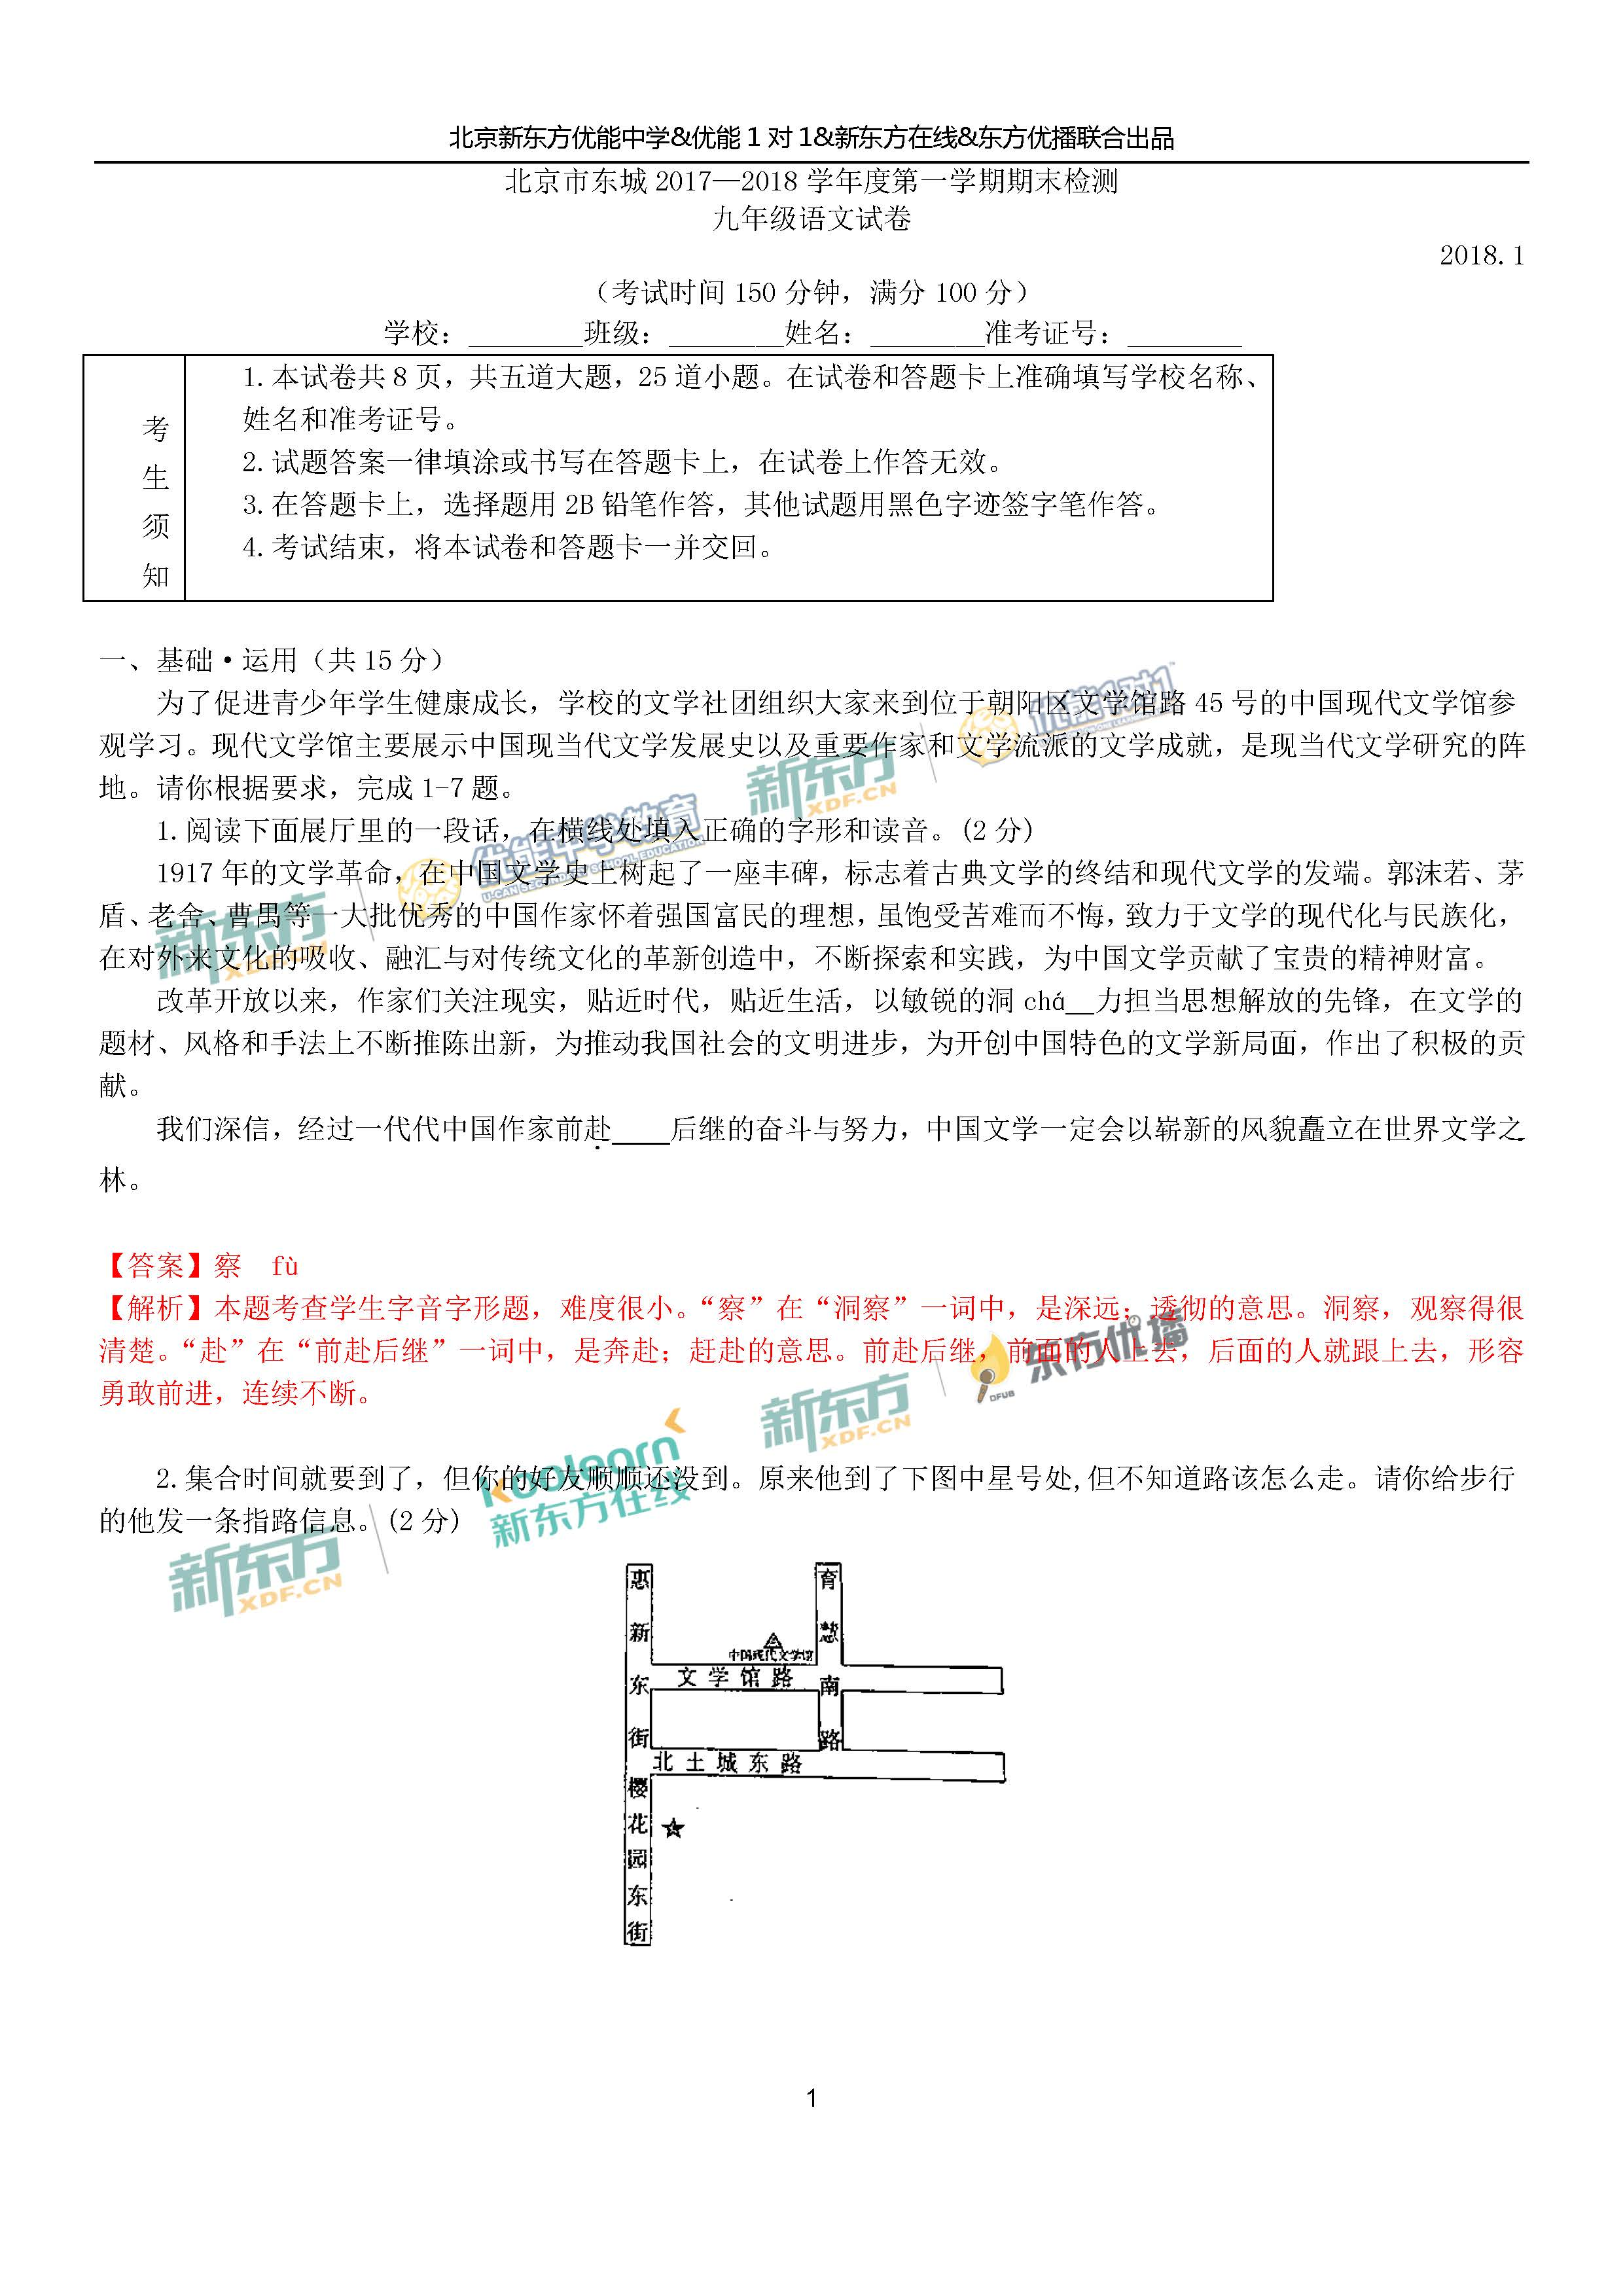 2018.1东城初三期末语文试题逐题解析(新东方版)